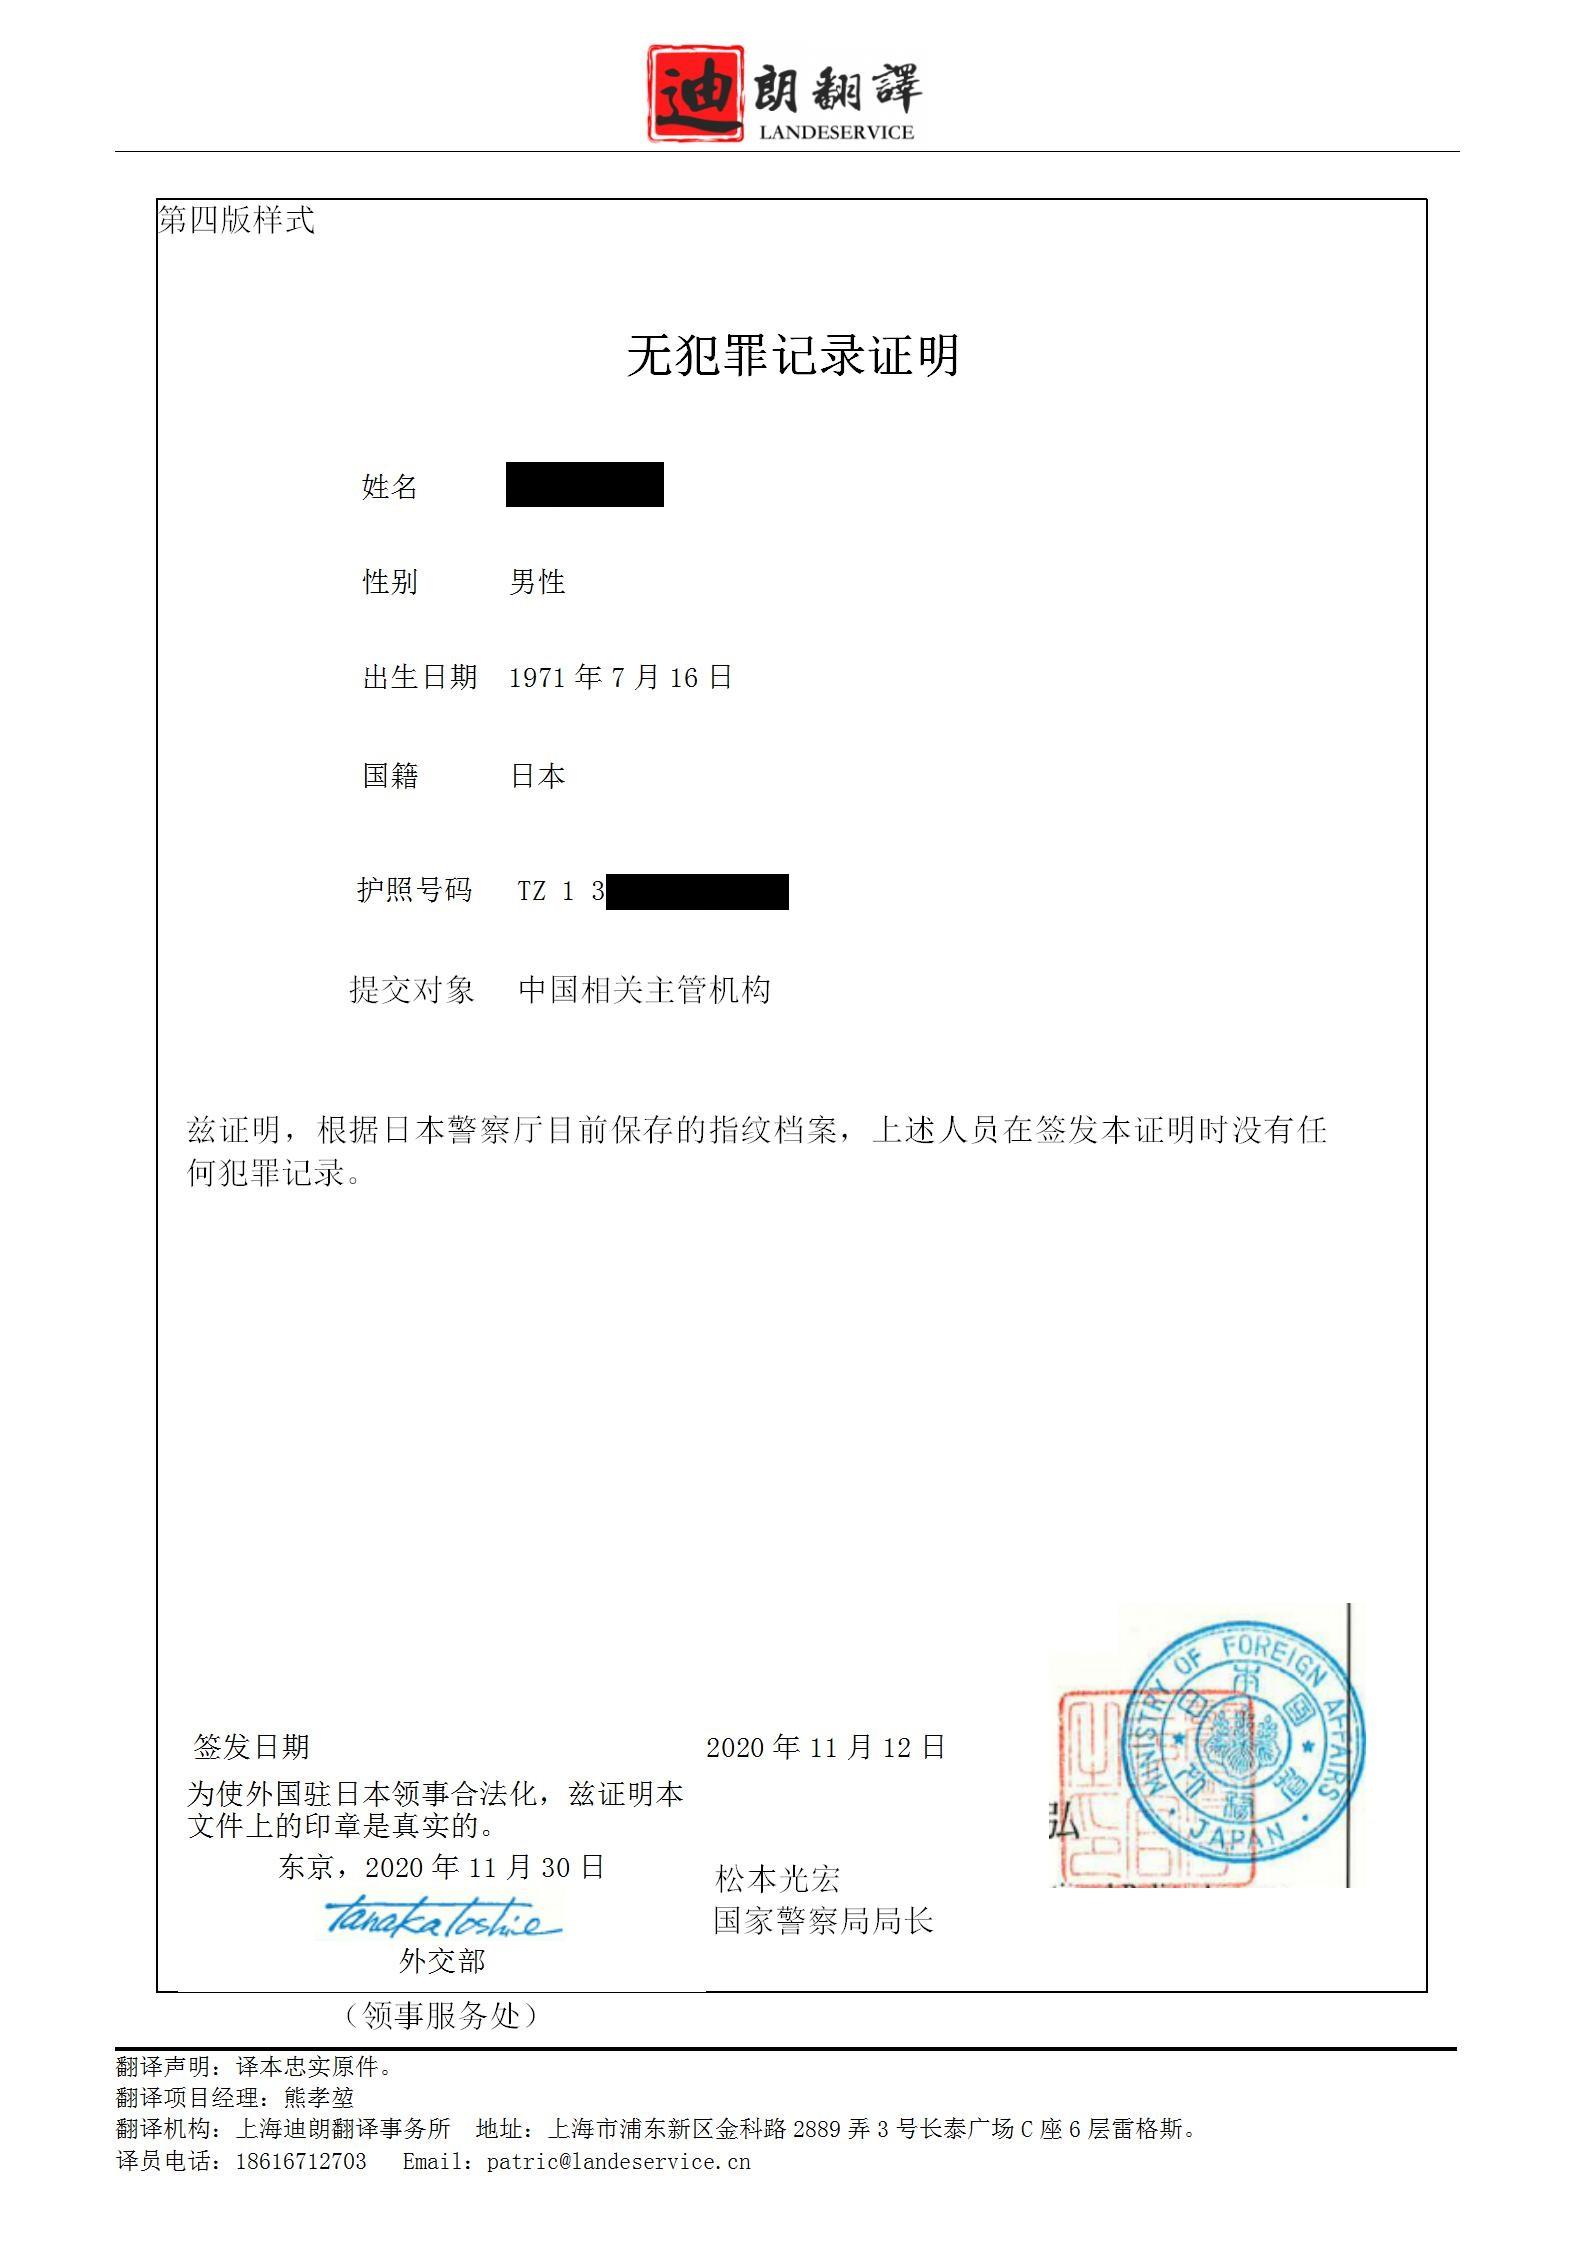 无犯罪证明日本 01 - 日本无犯罪记录证明翻译认证盖章